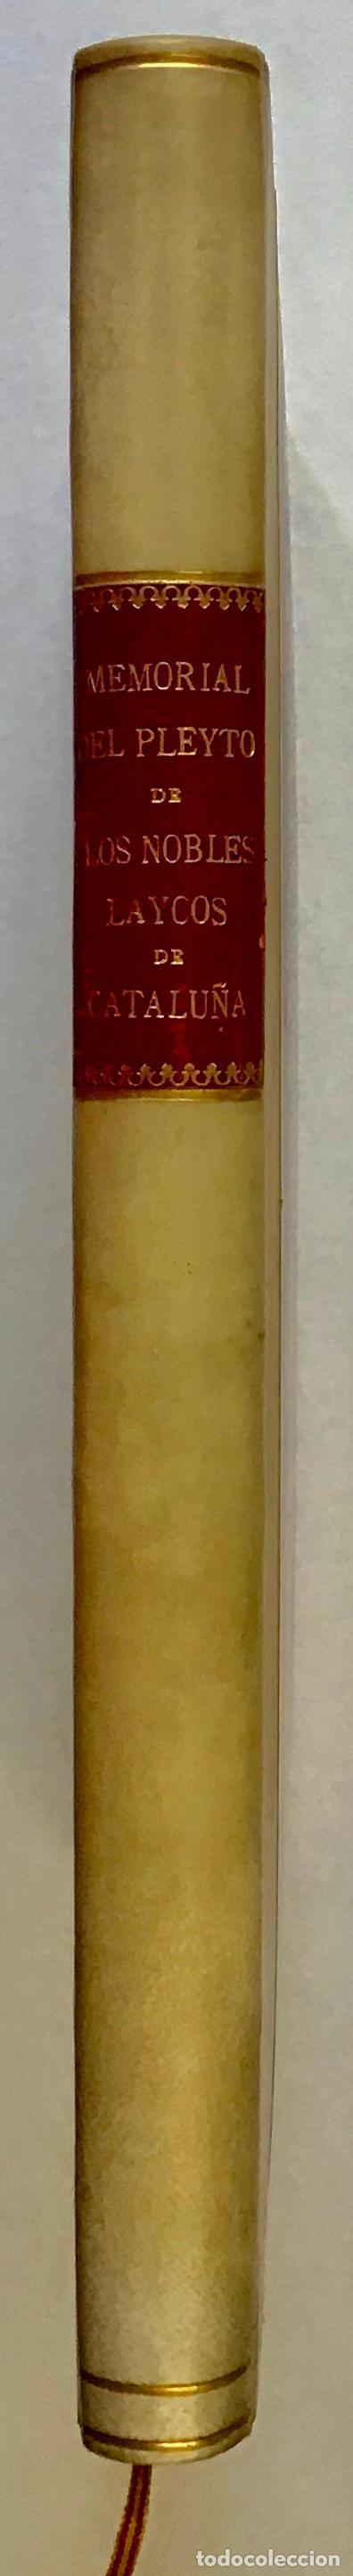 Libros antiguos: MEMORIAL PLEYTO NOBLES LAICOS DE CATALUÑA. IMPUESTOS. - Foto 6 - 189546728